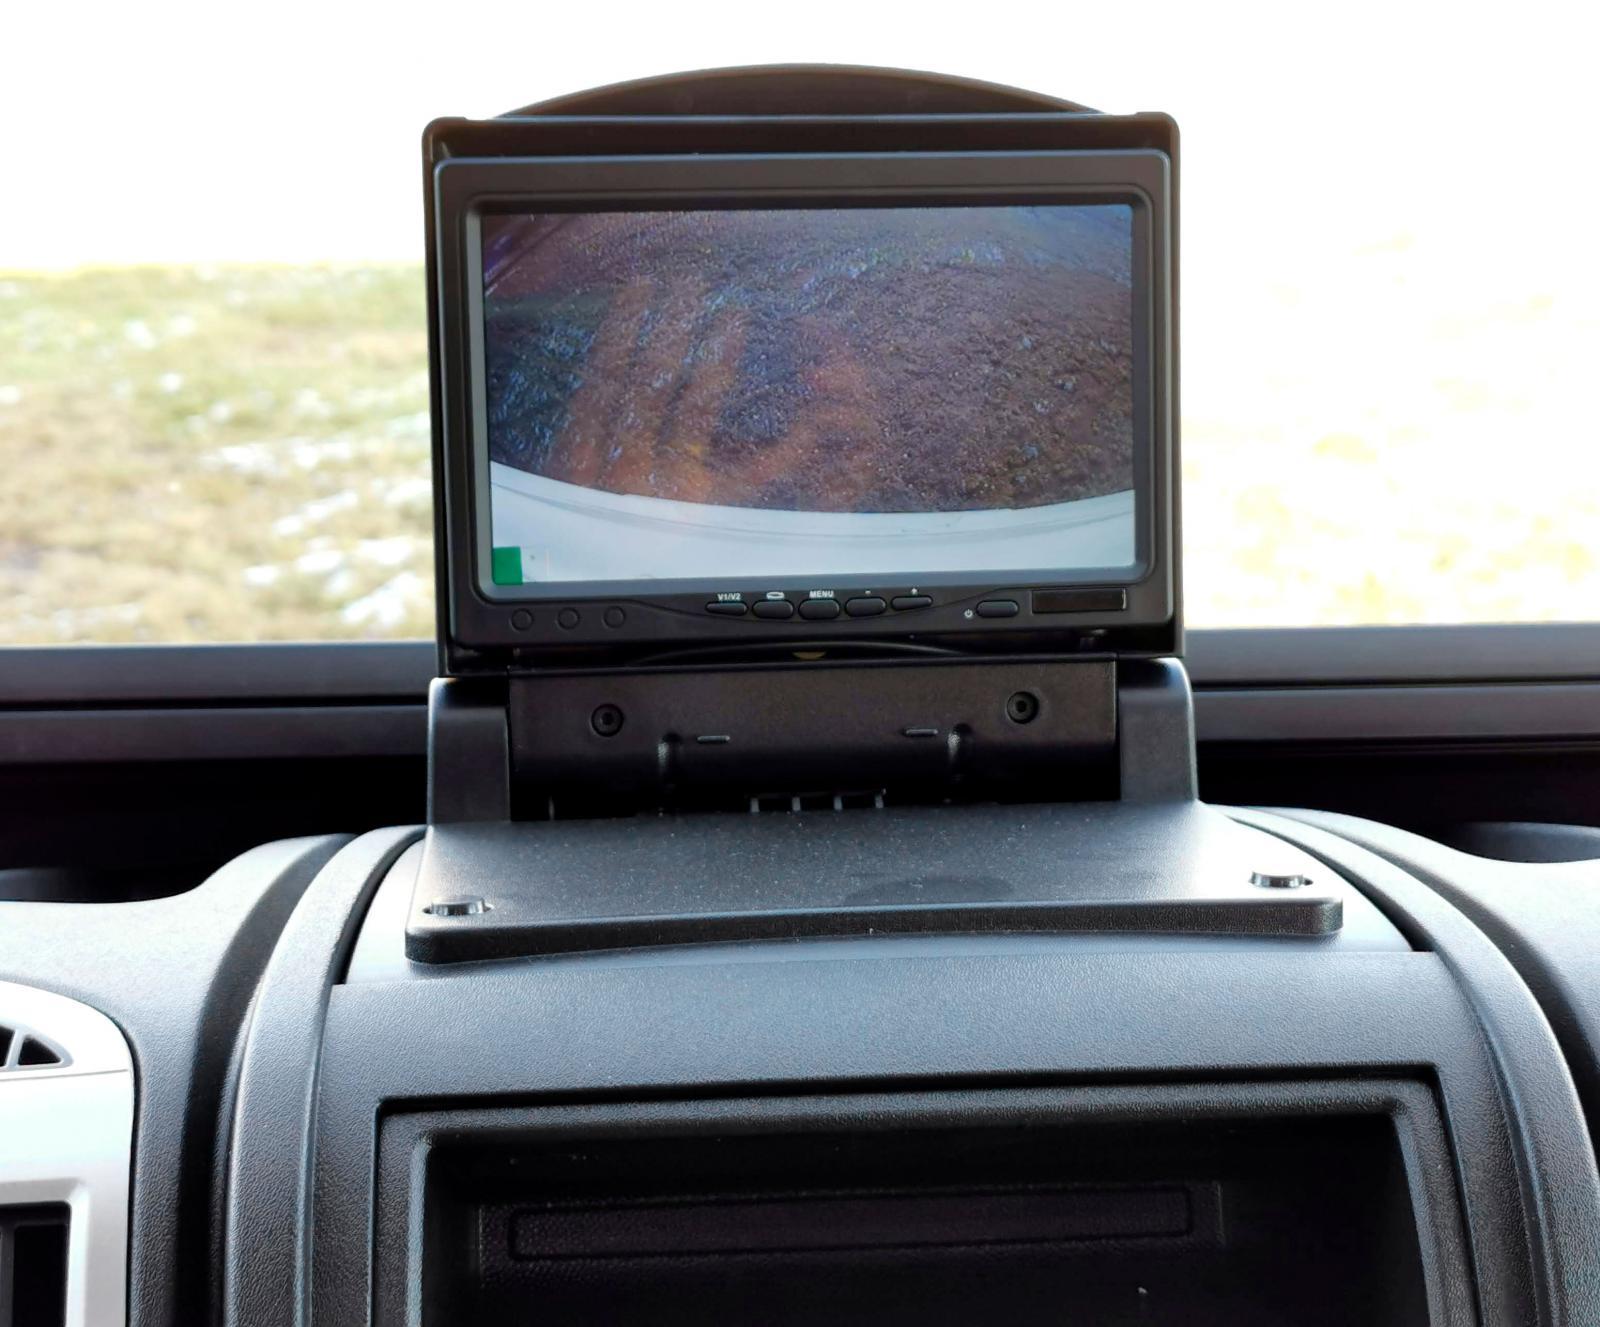 Backkamera istället för dokumenthållare ingår i paketet.